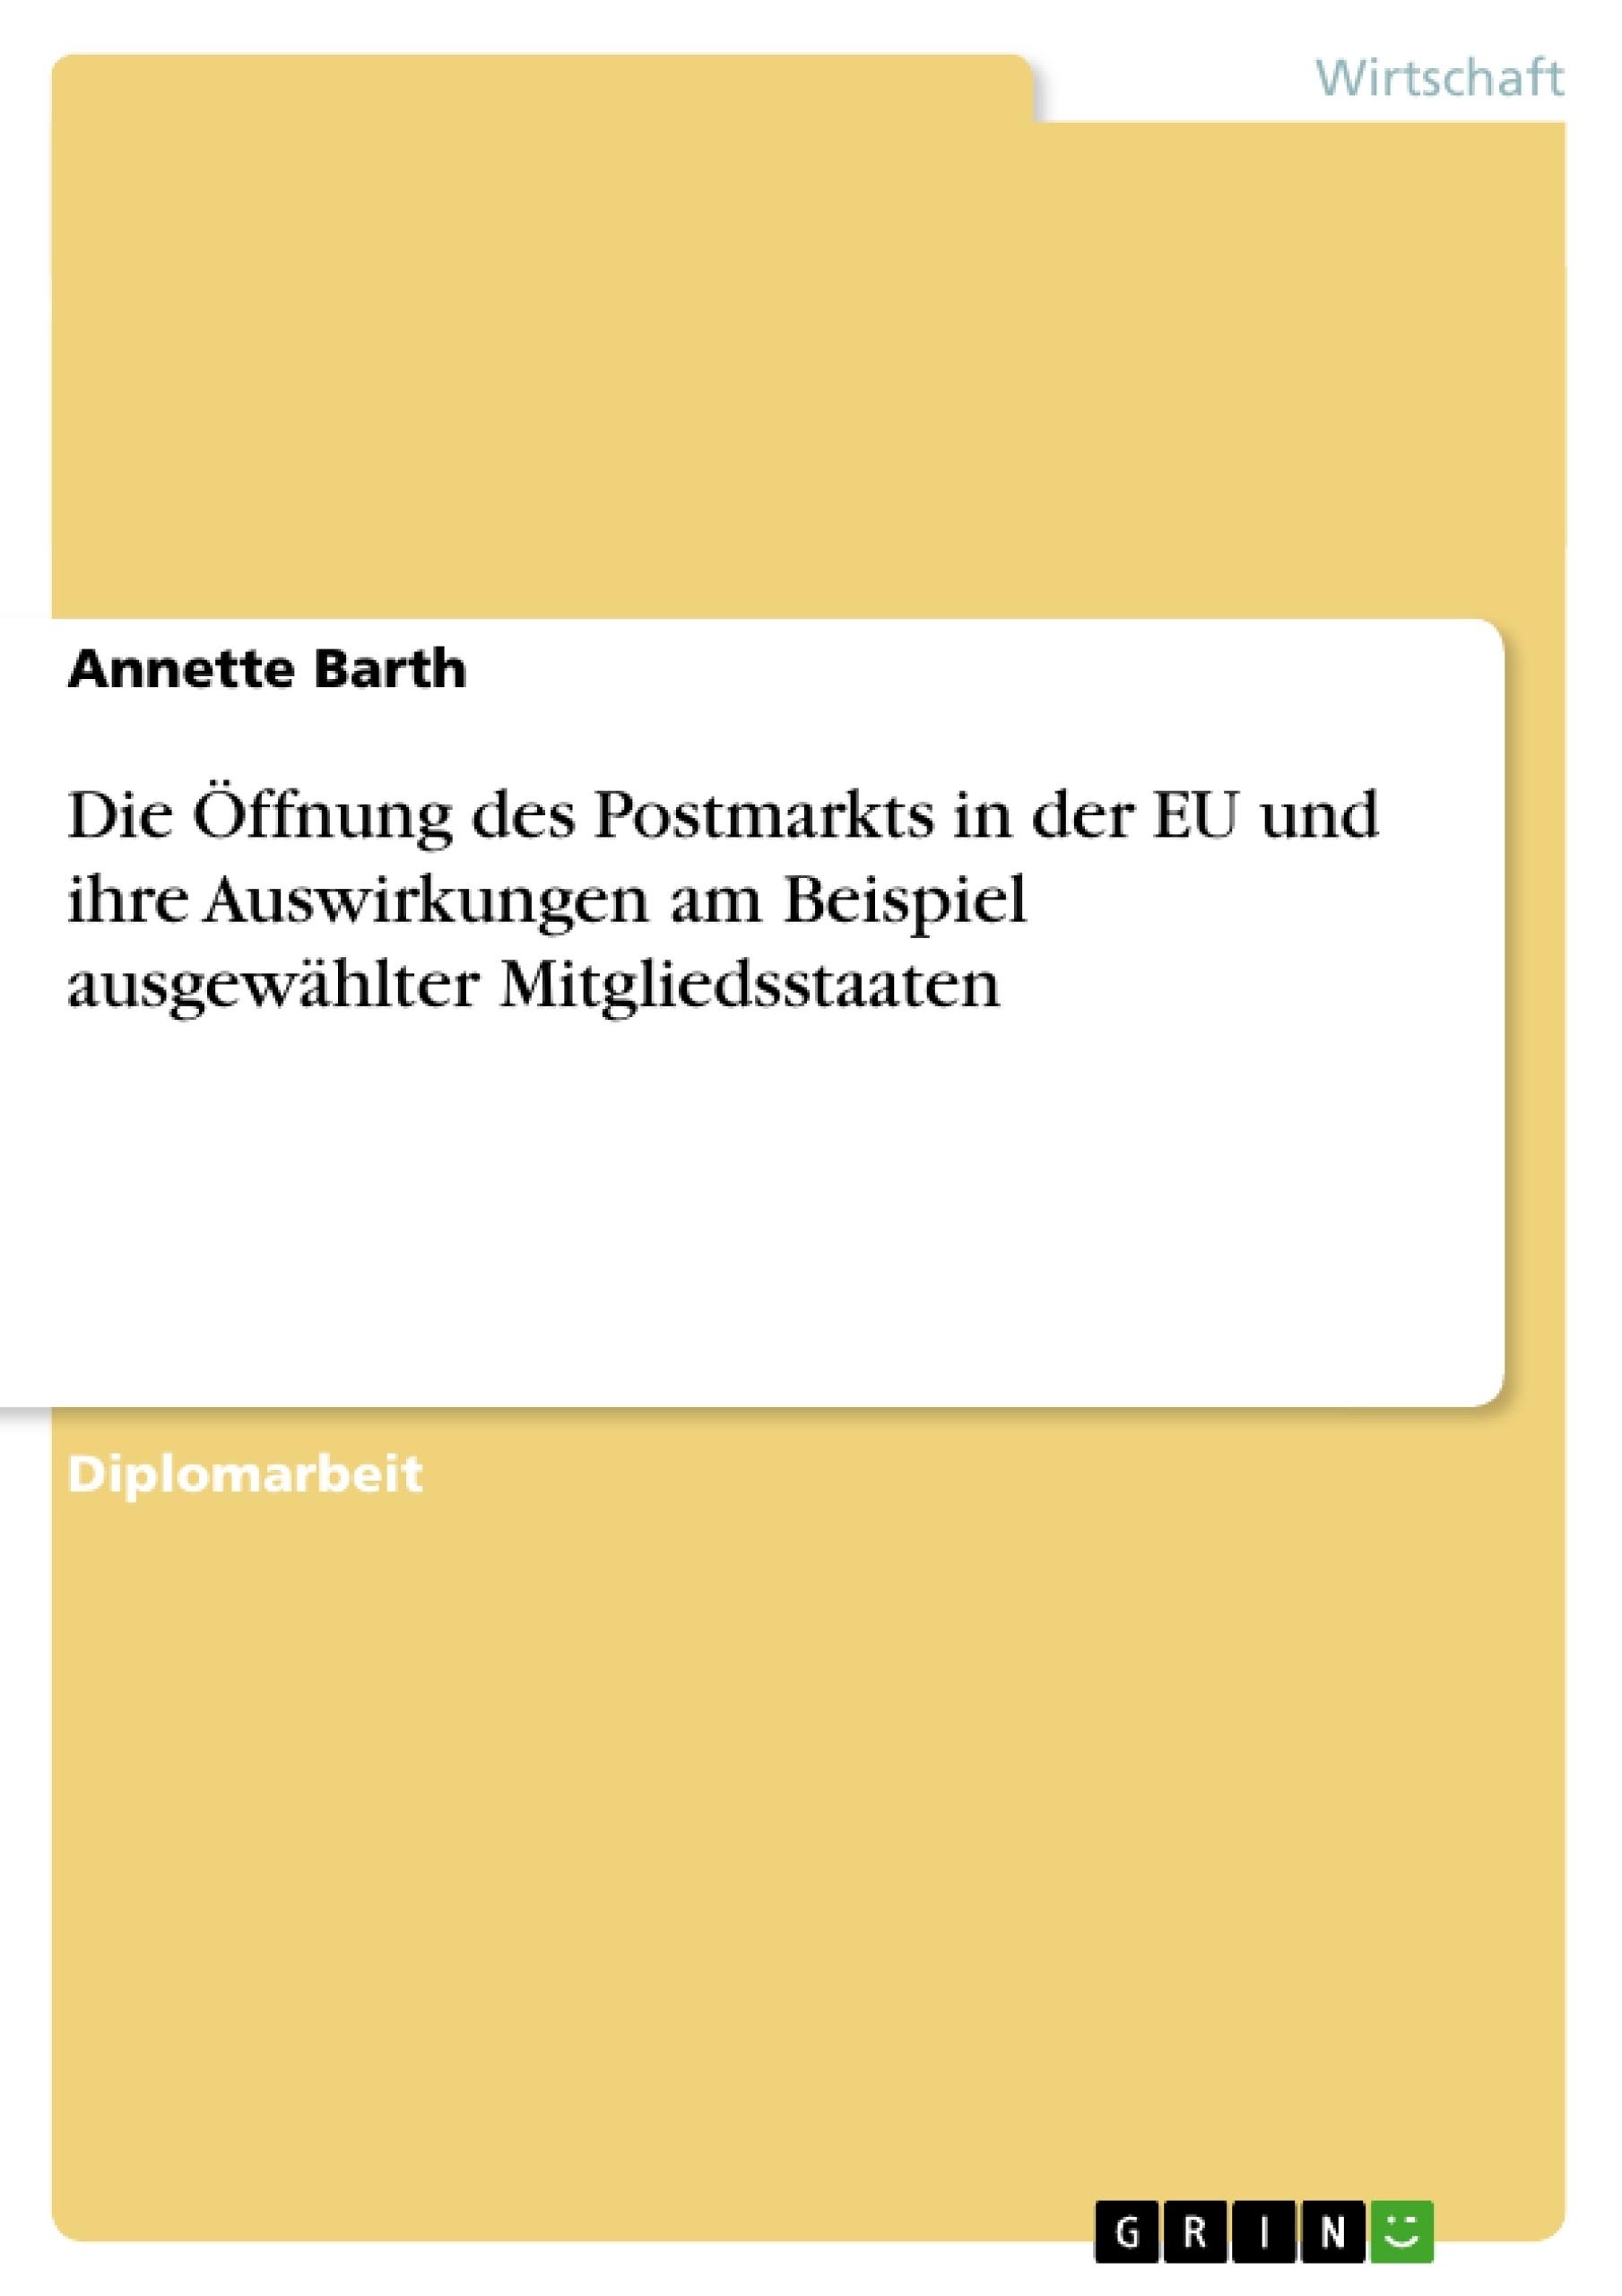 Titel: Die Öffnung des Postmarkts in der EU und ihre Auswirkungen am Beispiel ausgewählter Mitgliedsstaaten